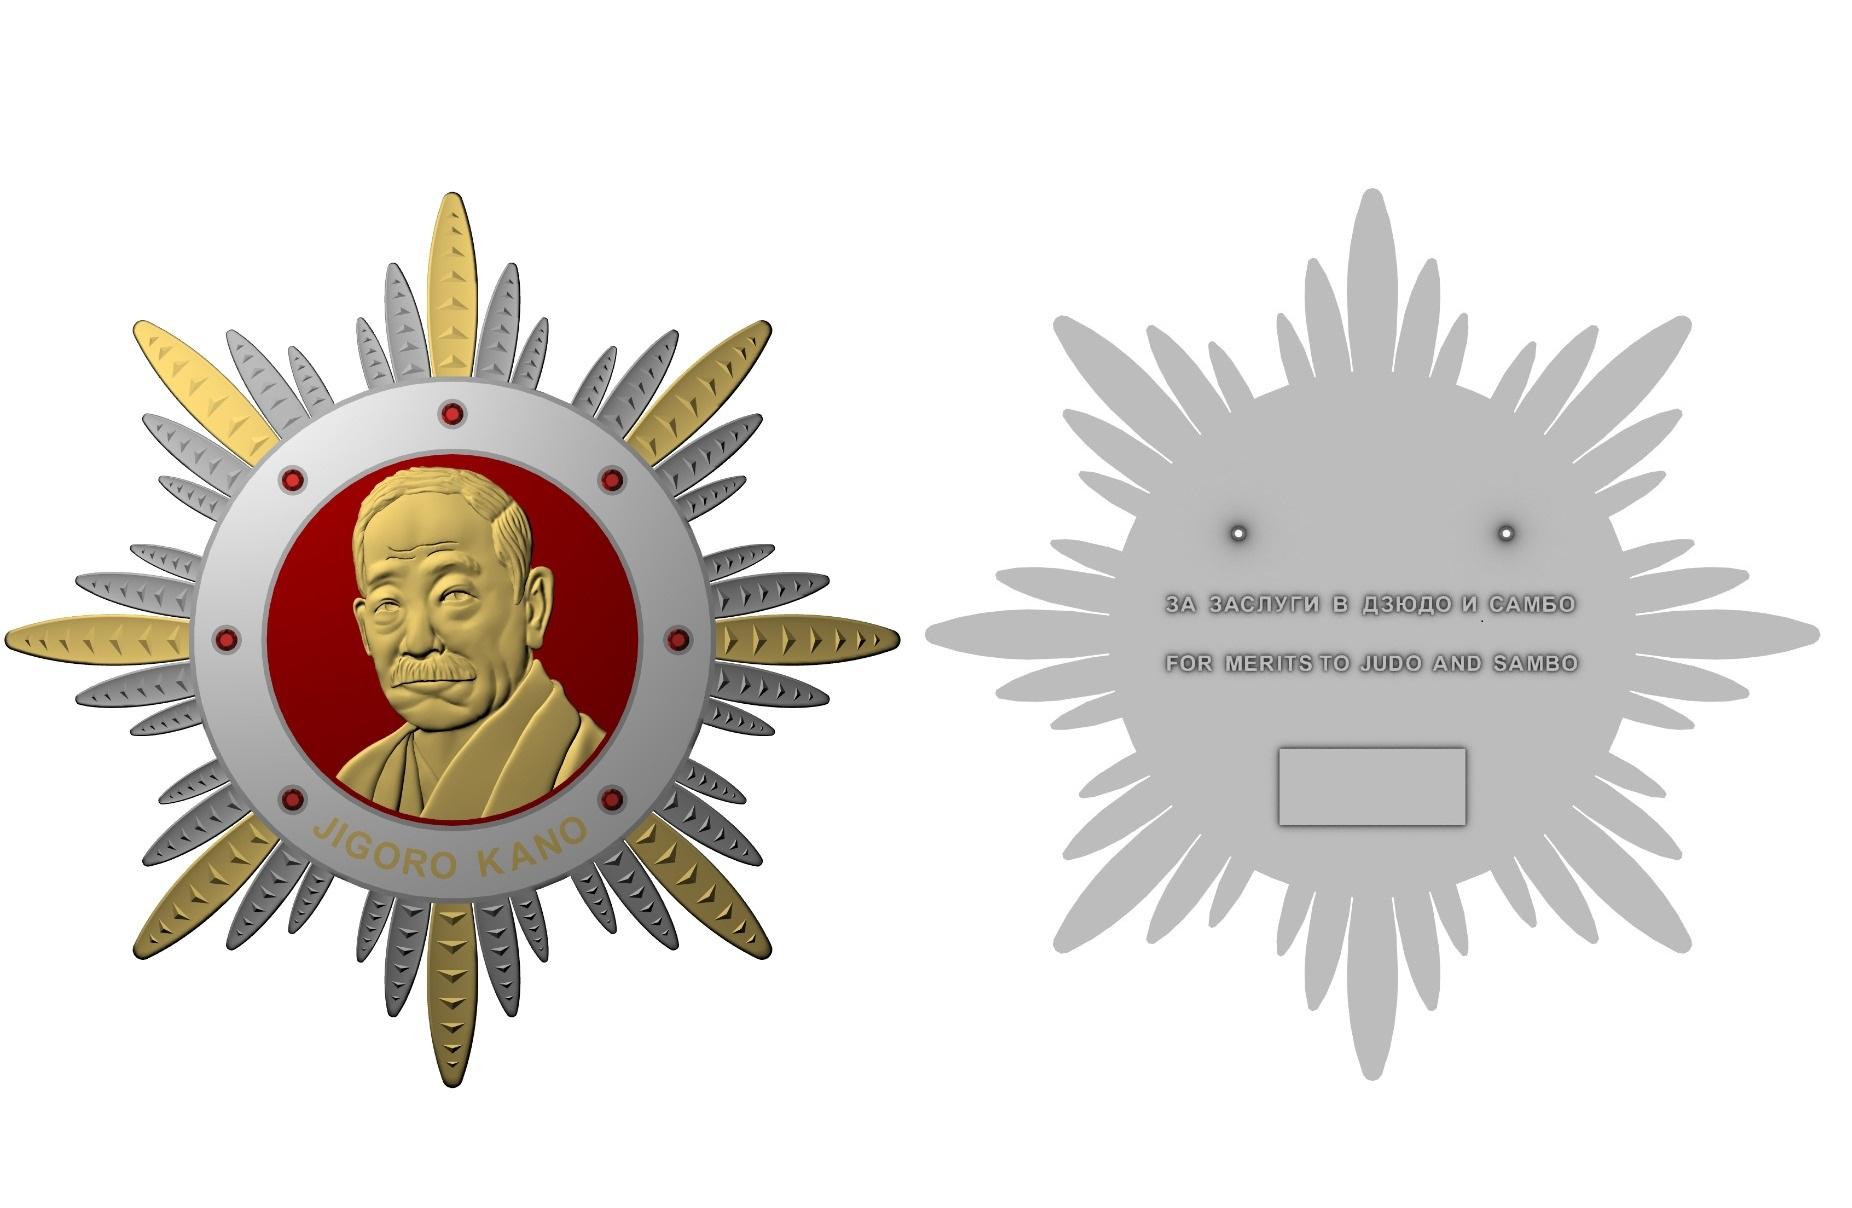 Орден Дзигоро Кано 2 стороны